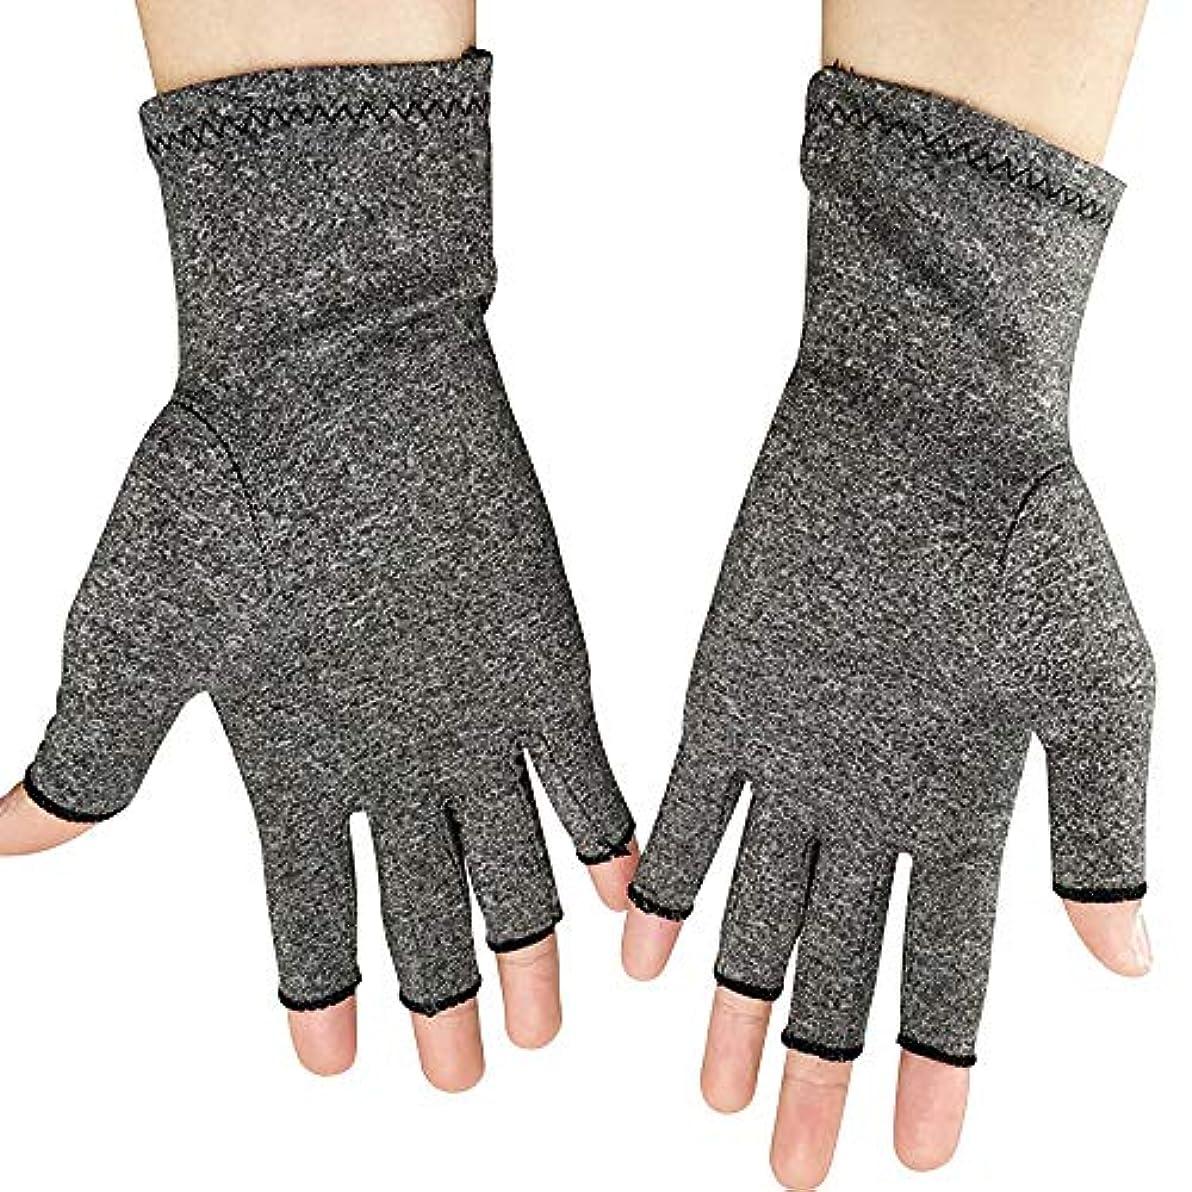 暗記する名前で薬Rosetta K 着圧 グローブ 手袋 サポーター 引き締め 筋肉 手 緩和 保温 ハンドケア 手用 男女兼用 集中ケア